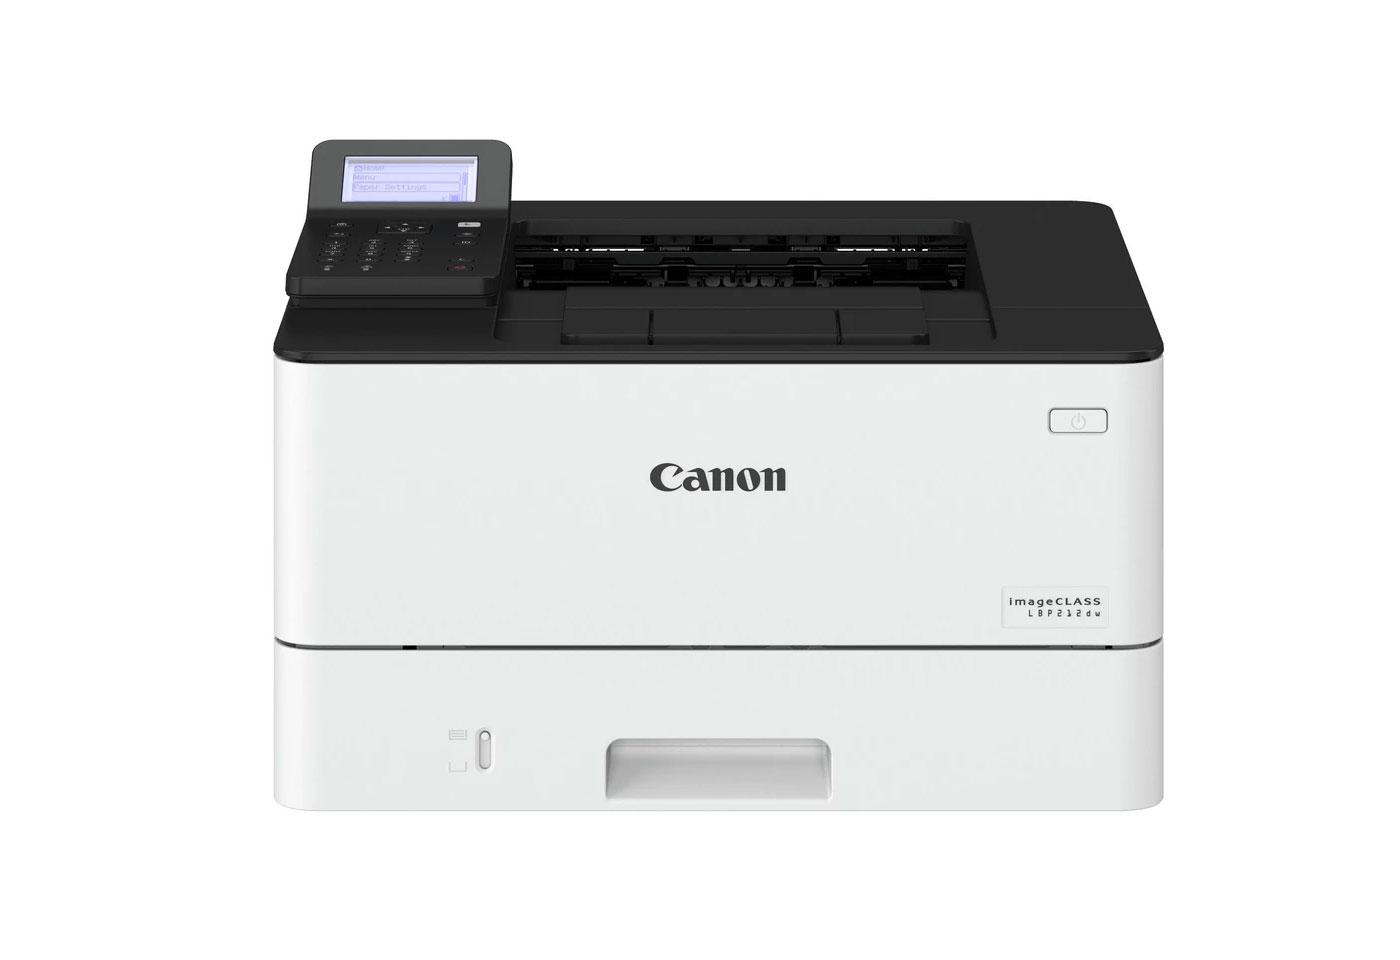 Canon imageCLASS LBP212dw